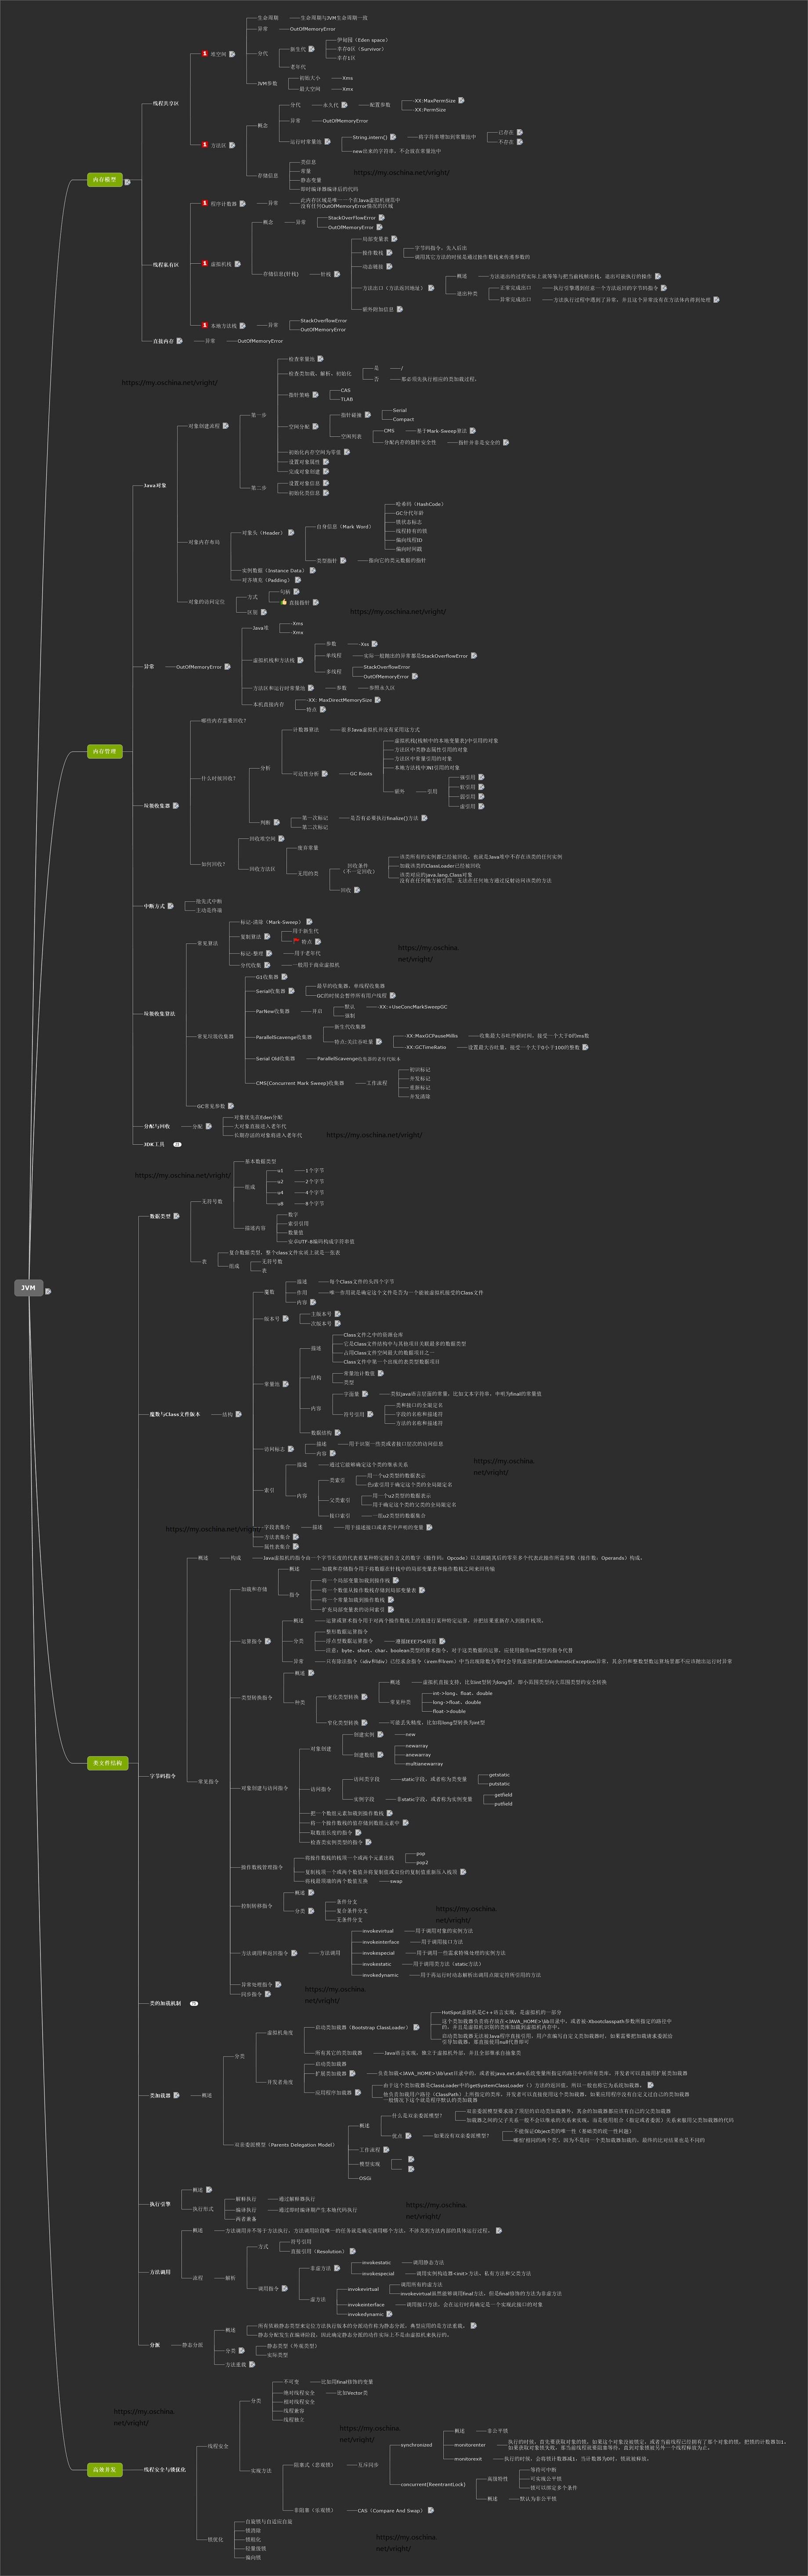 深入JVM虚拟机之全书脑图